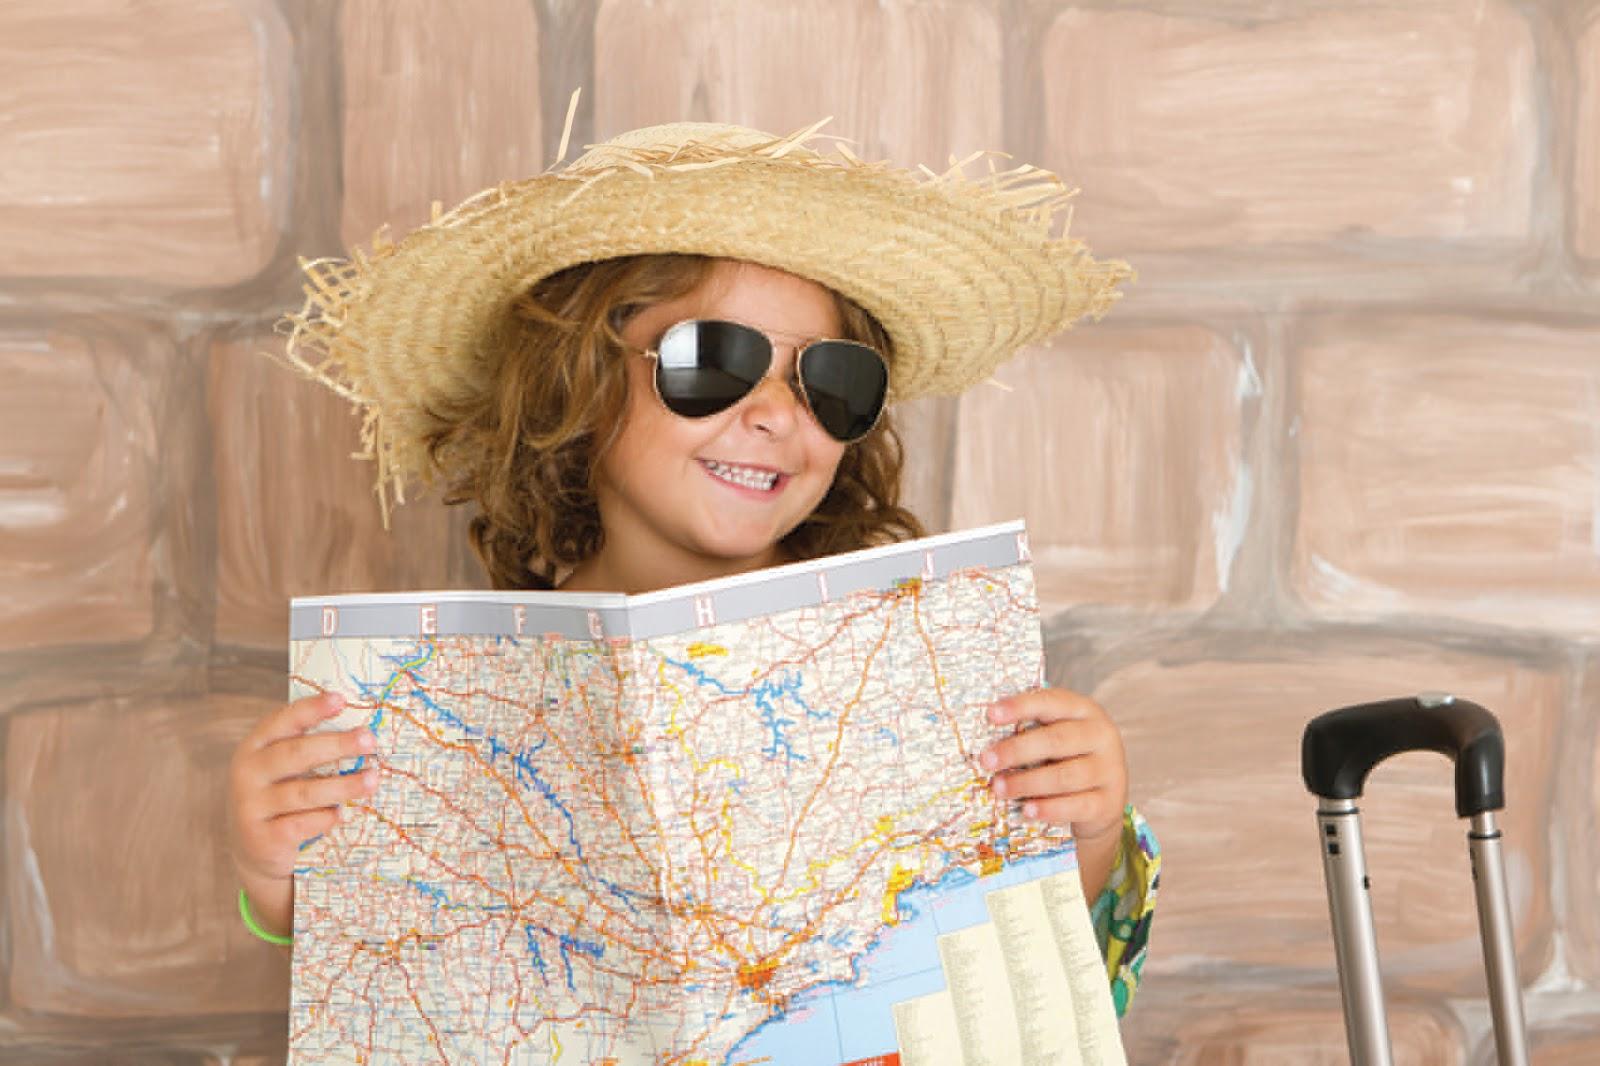 Автобусный тур для детей: стоит ли отправлять своего ребёнка с группой?